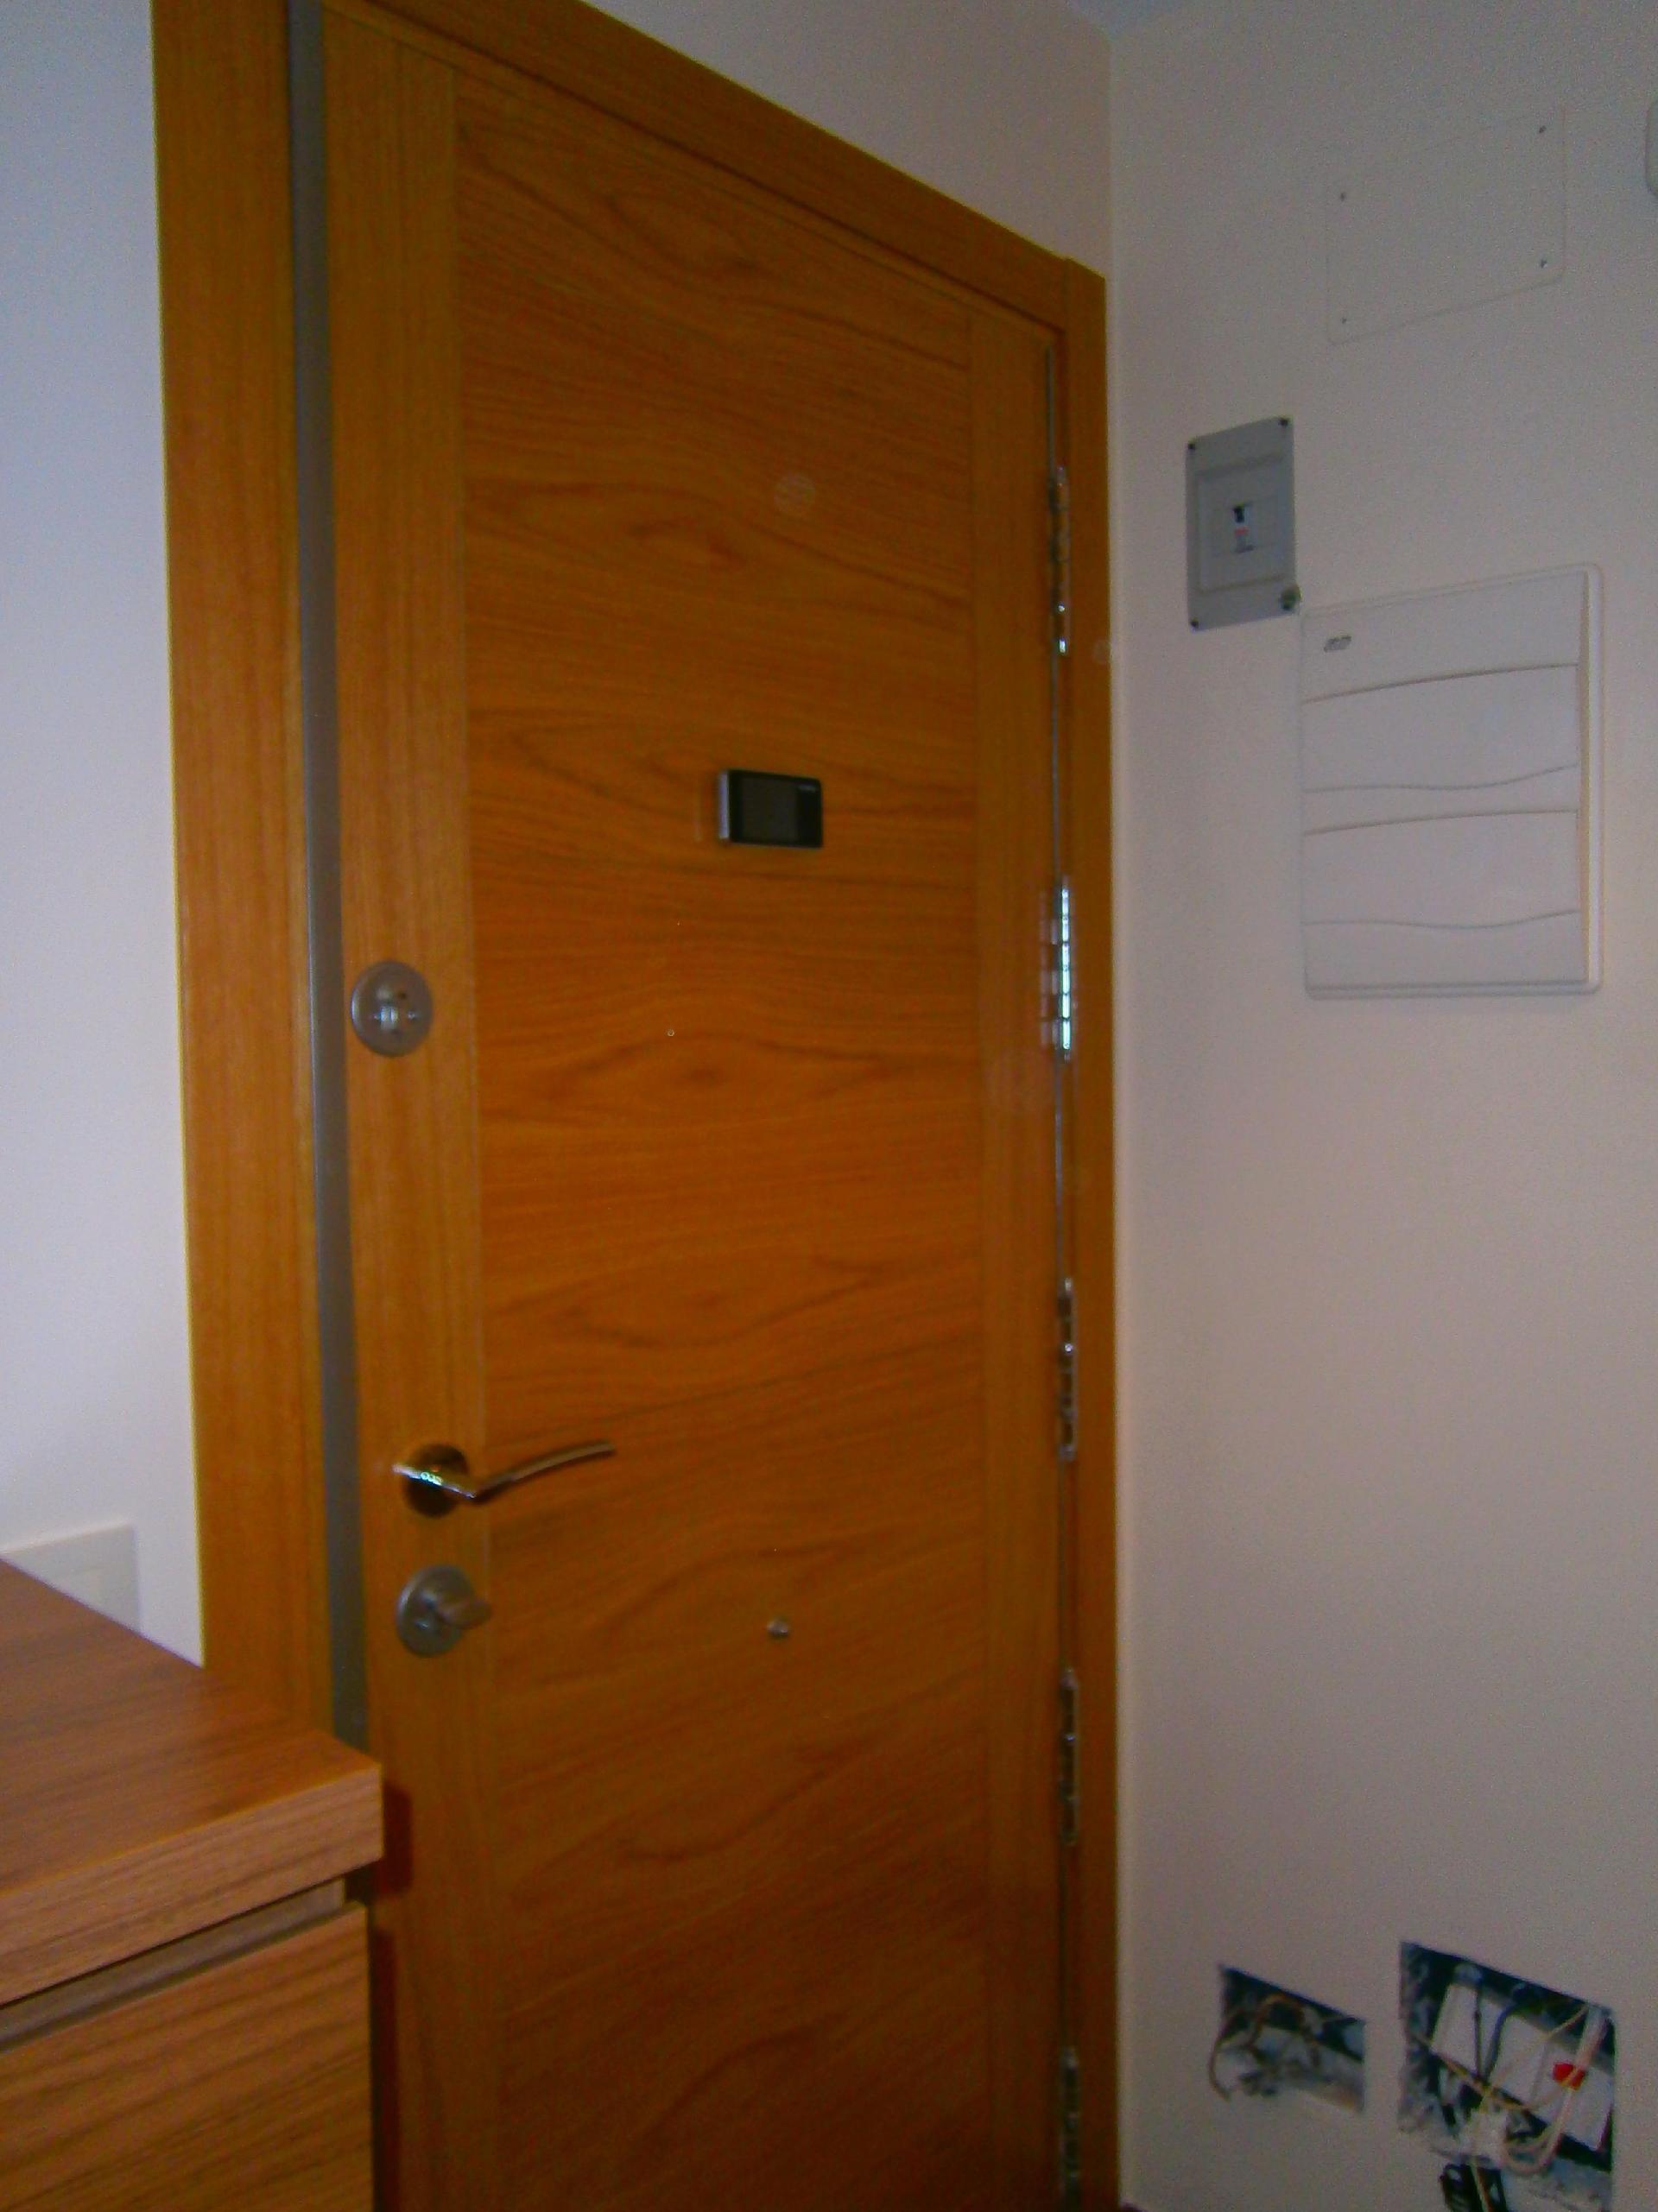 Cerradura puerta blindada interesting cerradura de gorjas - Bombin cerradura puerta blindada ...